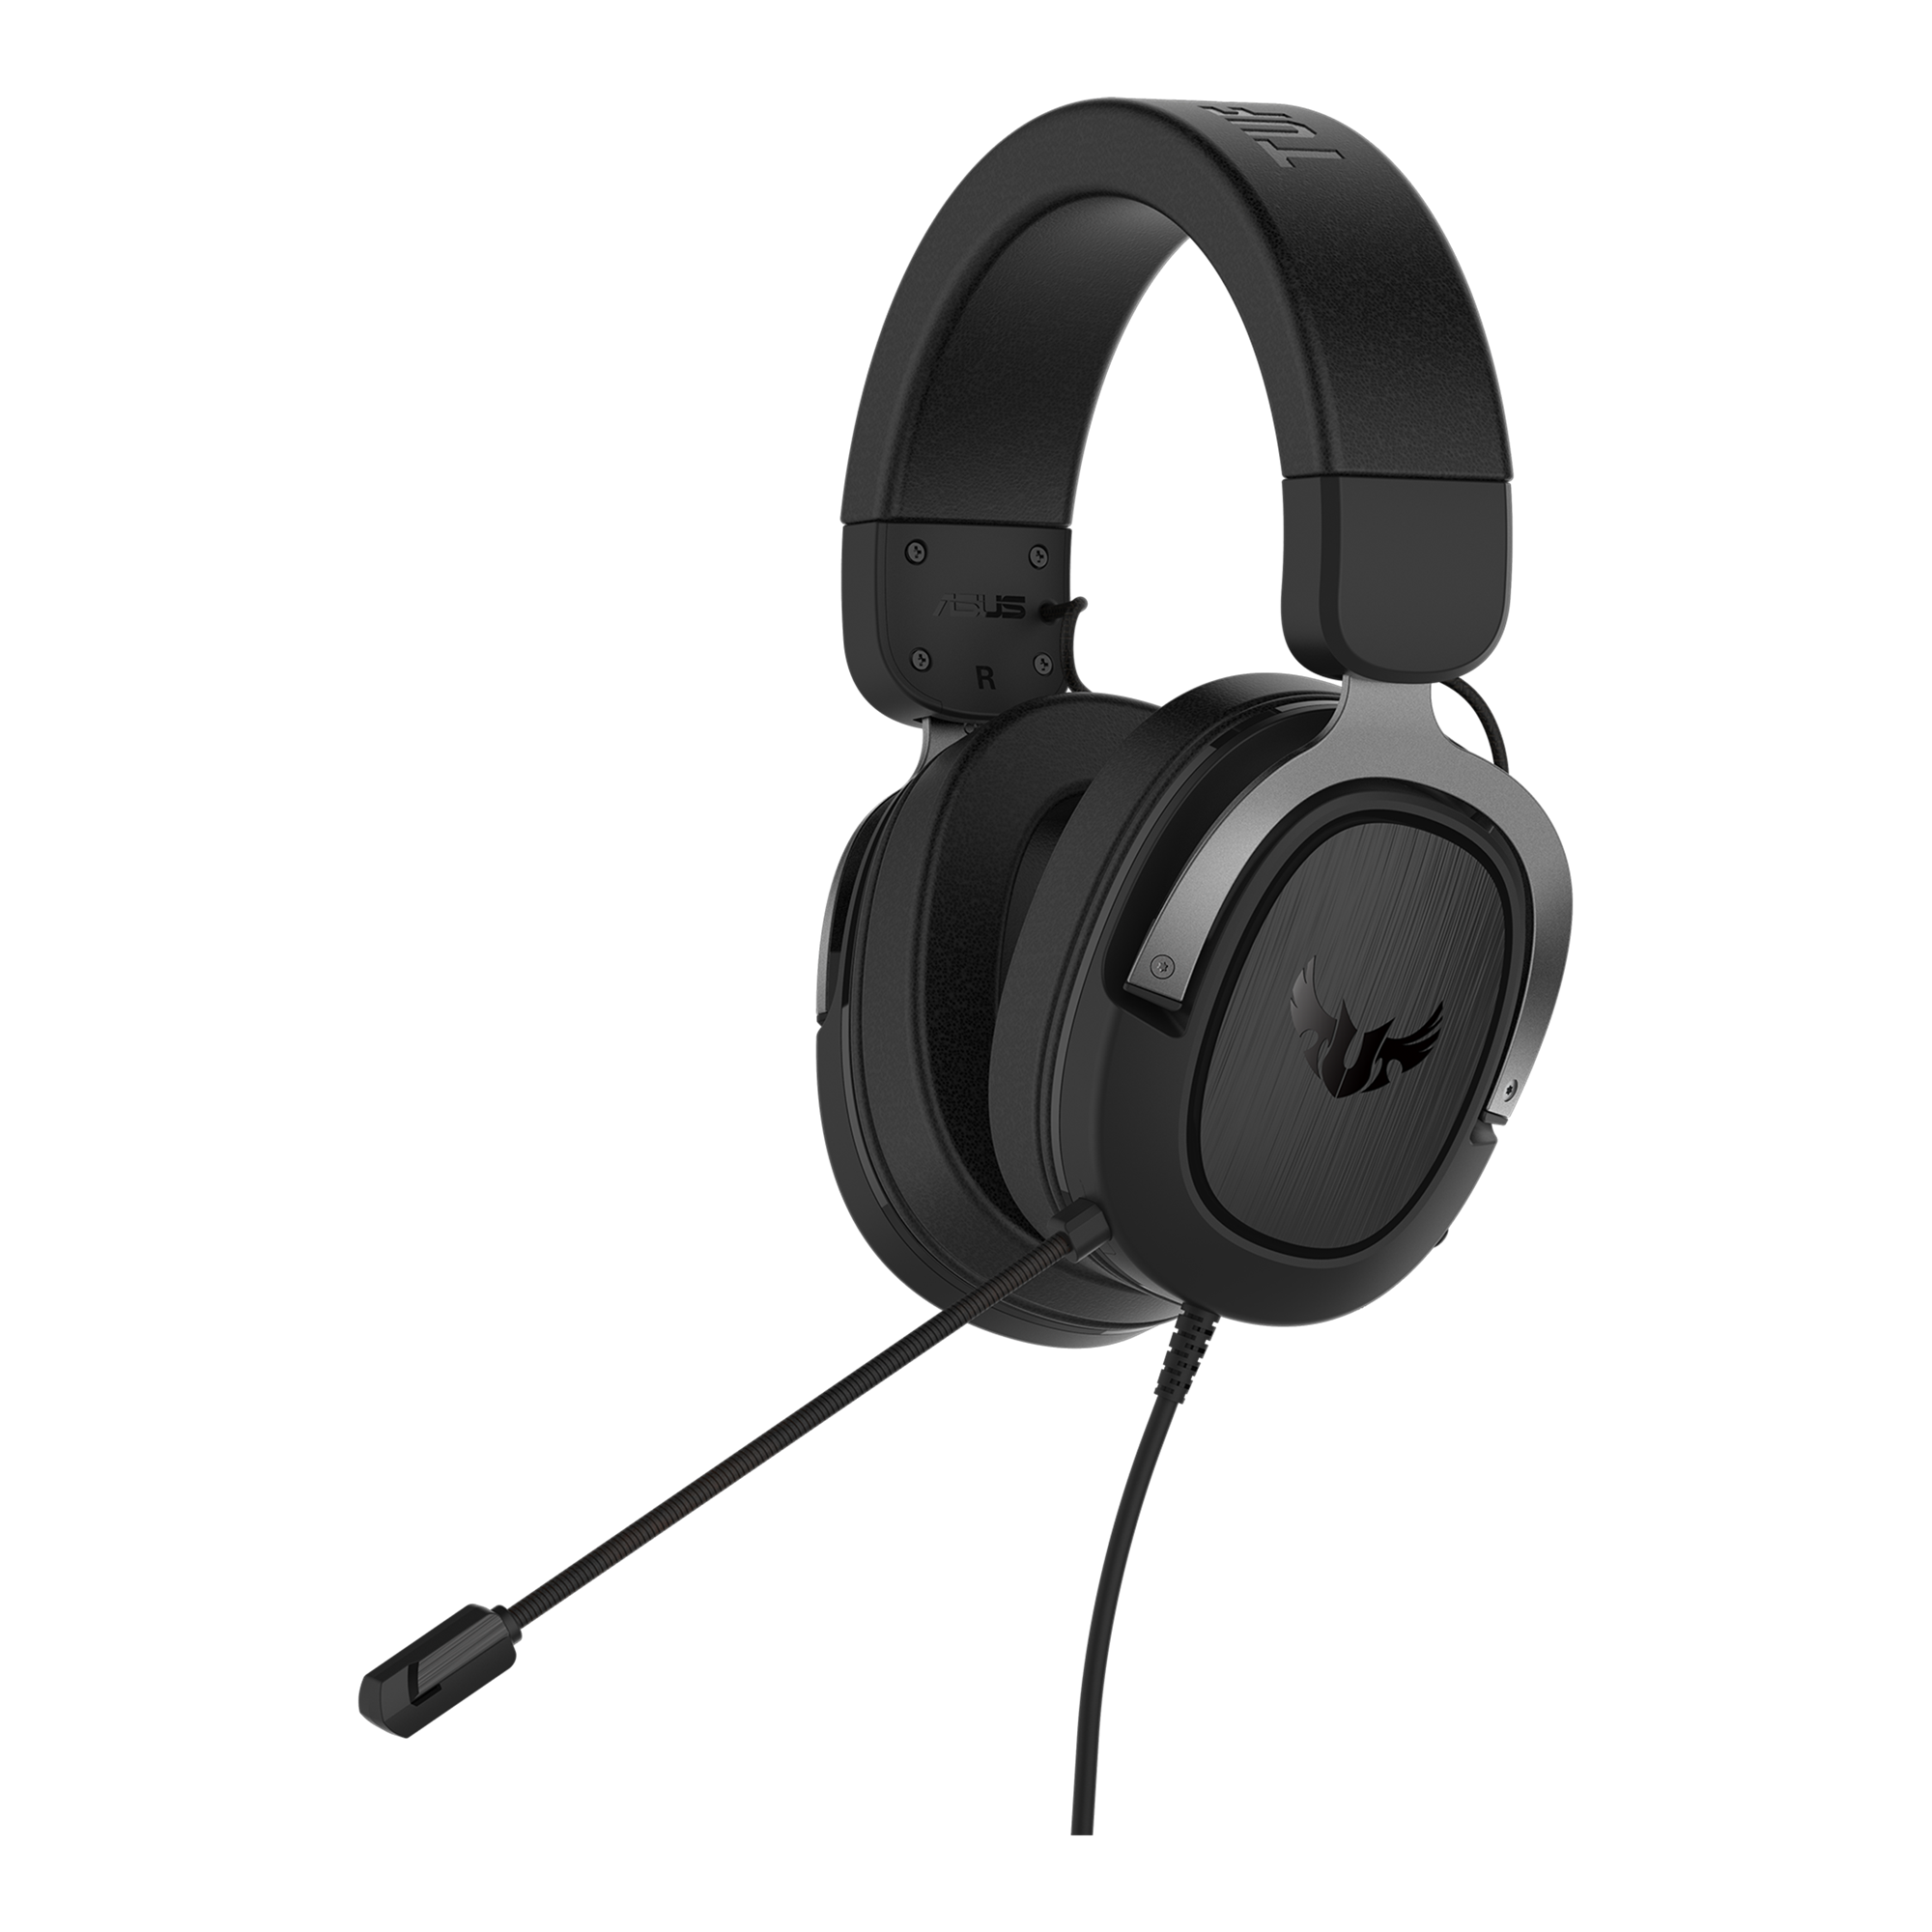 Audífonos ASUS - TUF Gaming H3 para consolas y PC con 7.1 canales